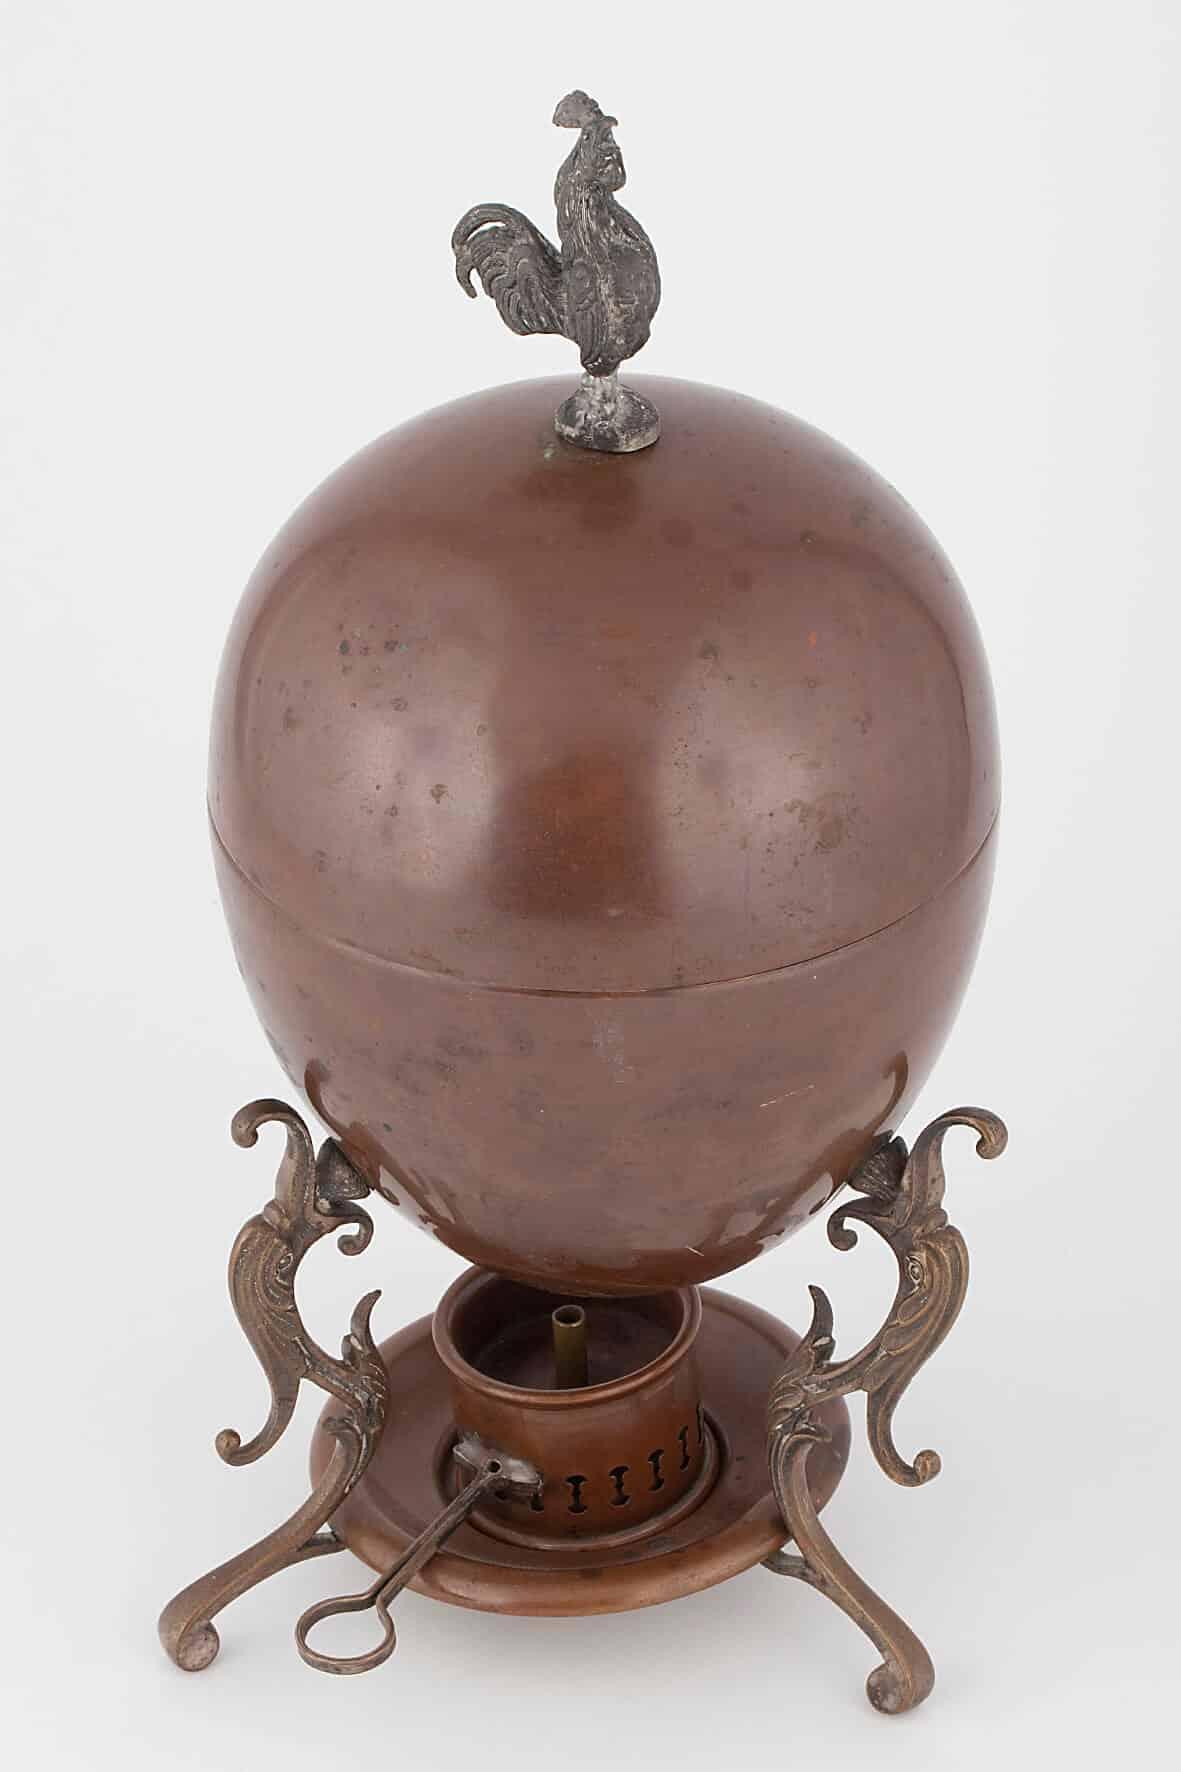 КБ 427-434 | Яйцеварка «Петушок» с сервизом | Музей самоваров и бульоток